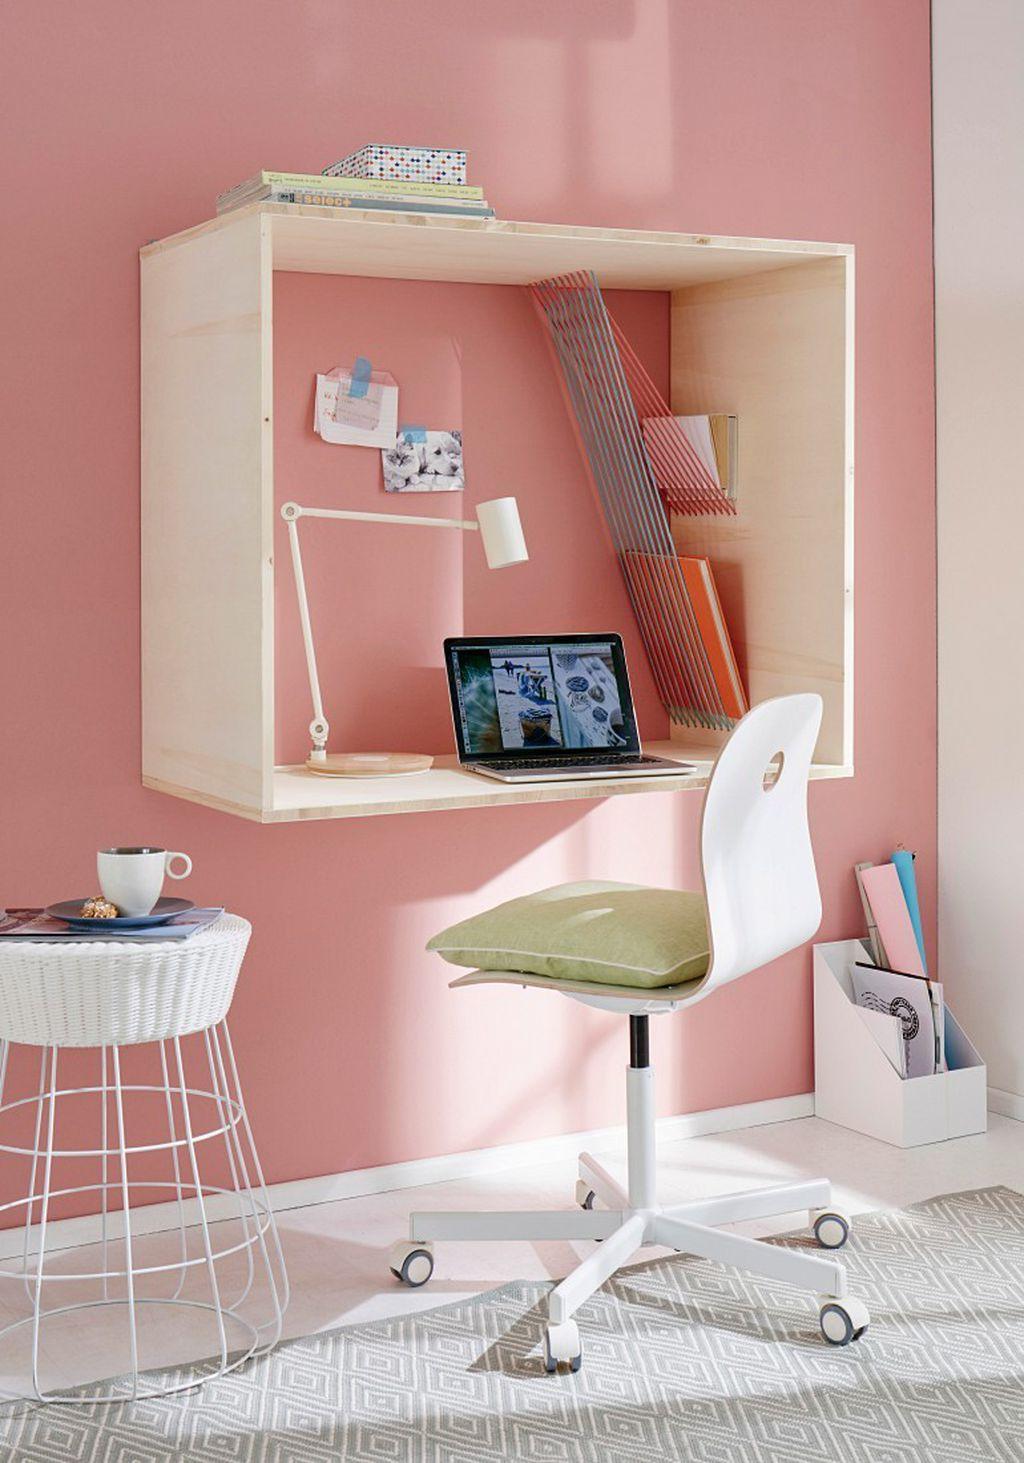 I uz mali budžet, studentska soba može biti ugodno mjesto - 4